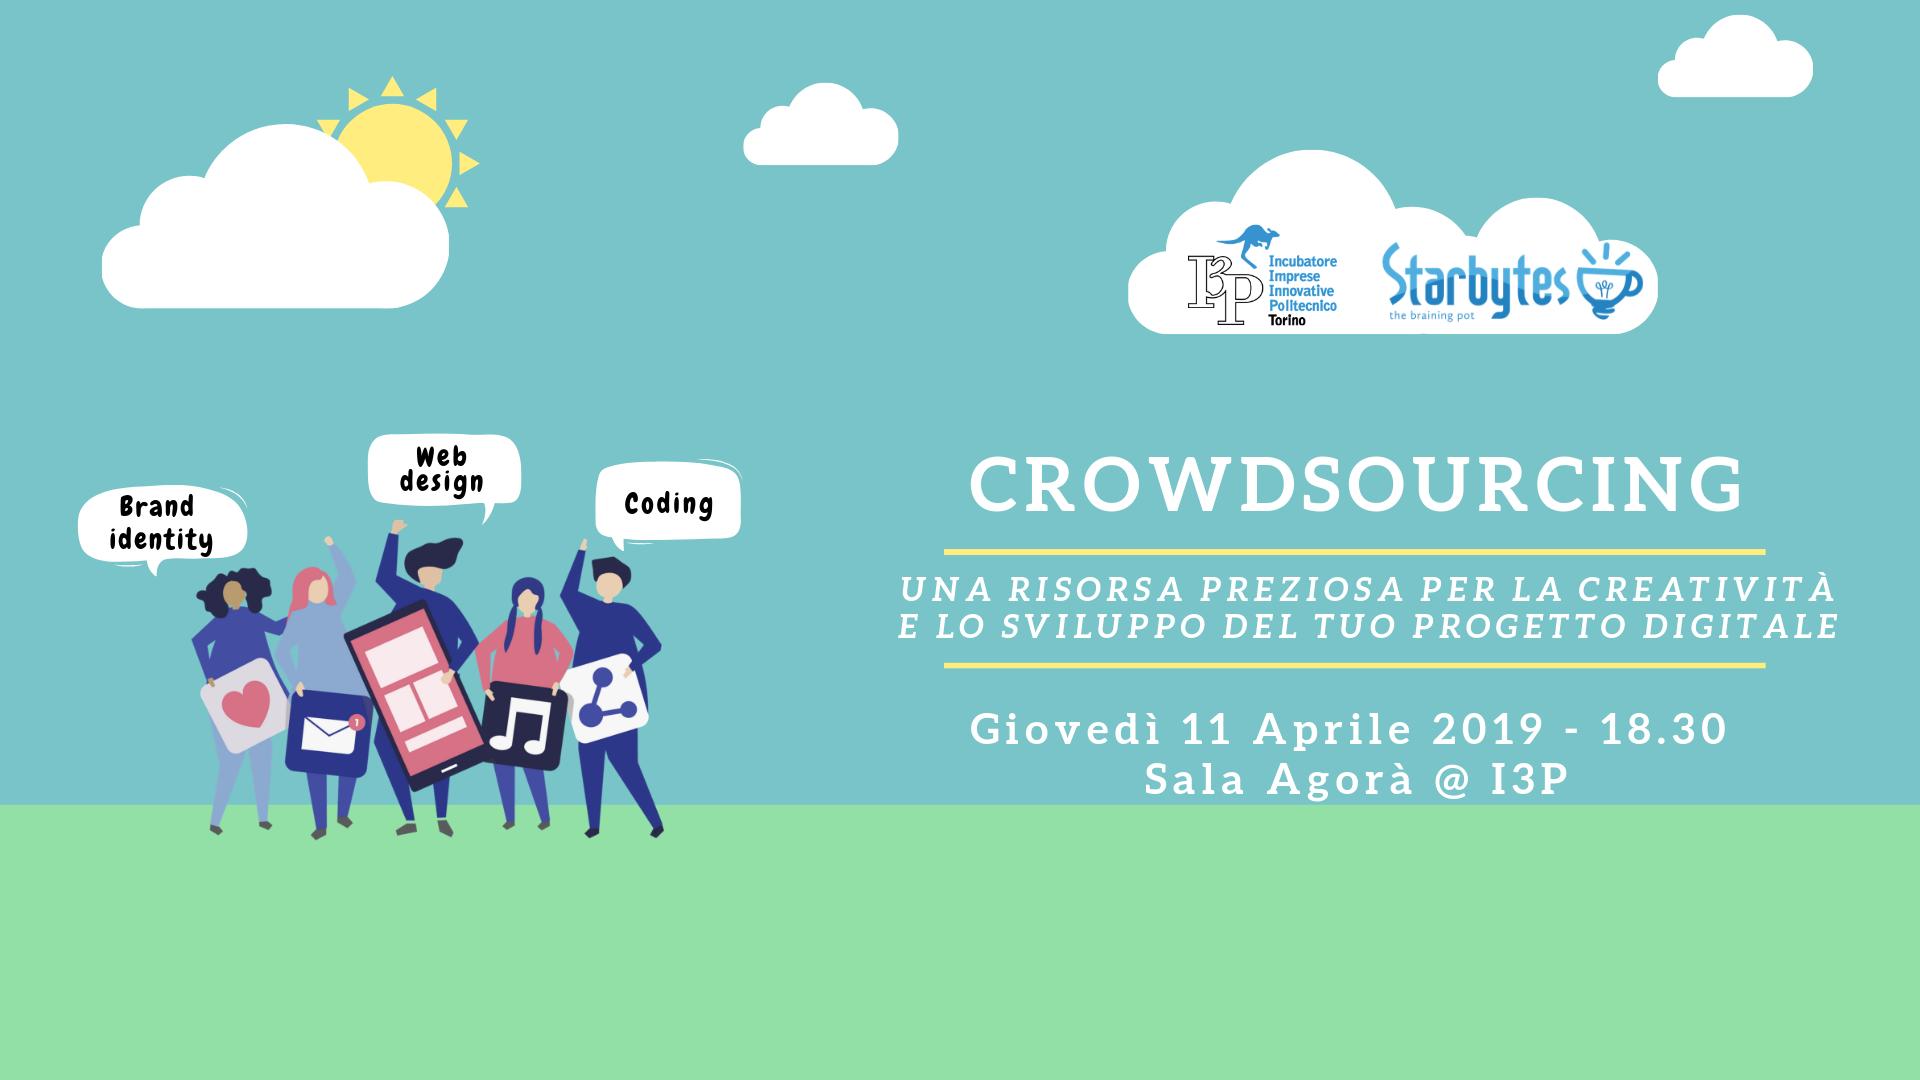 Evento I3P - Crowdsourcing Starbytes